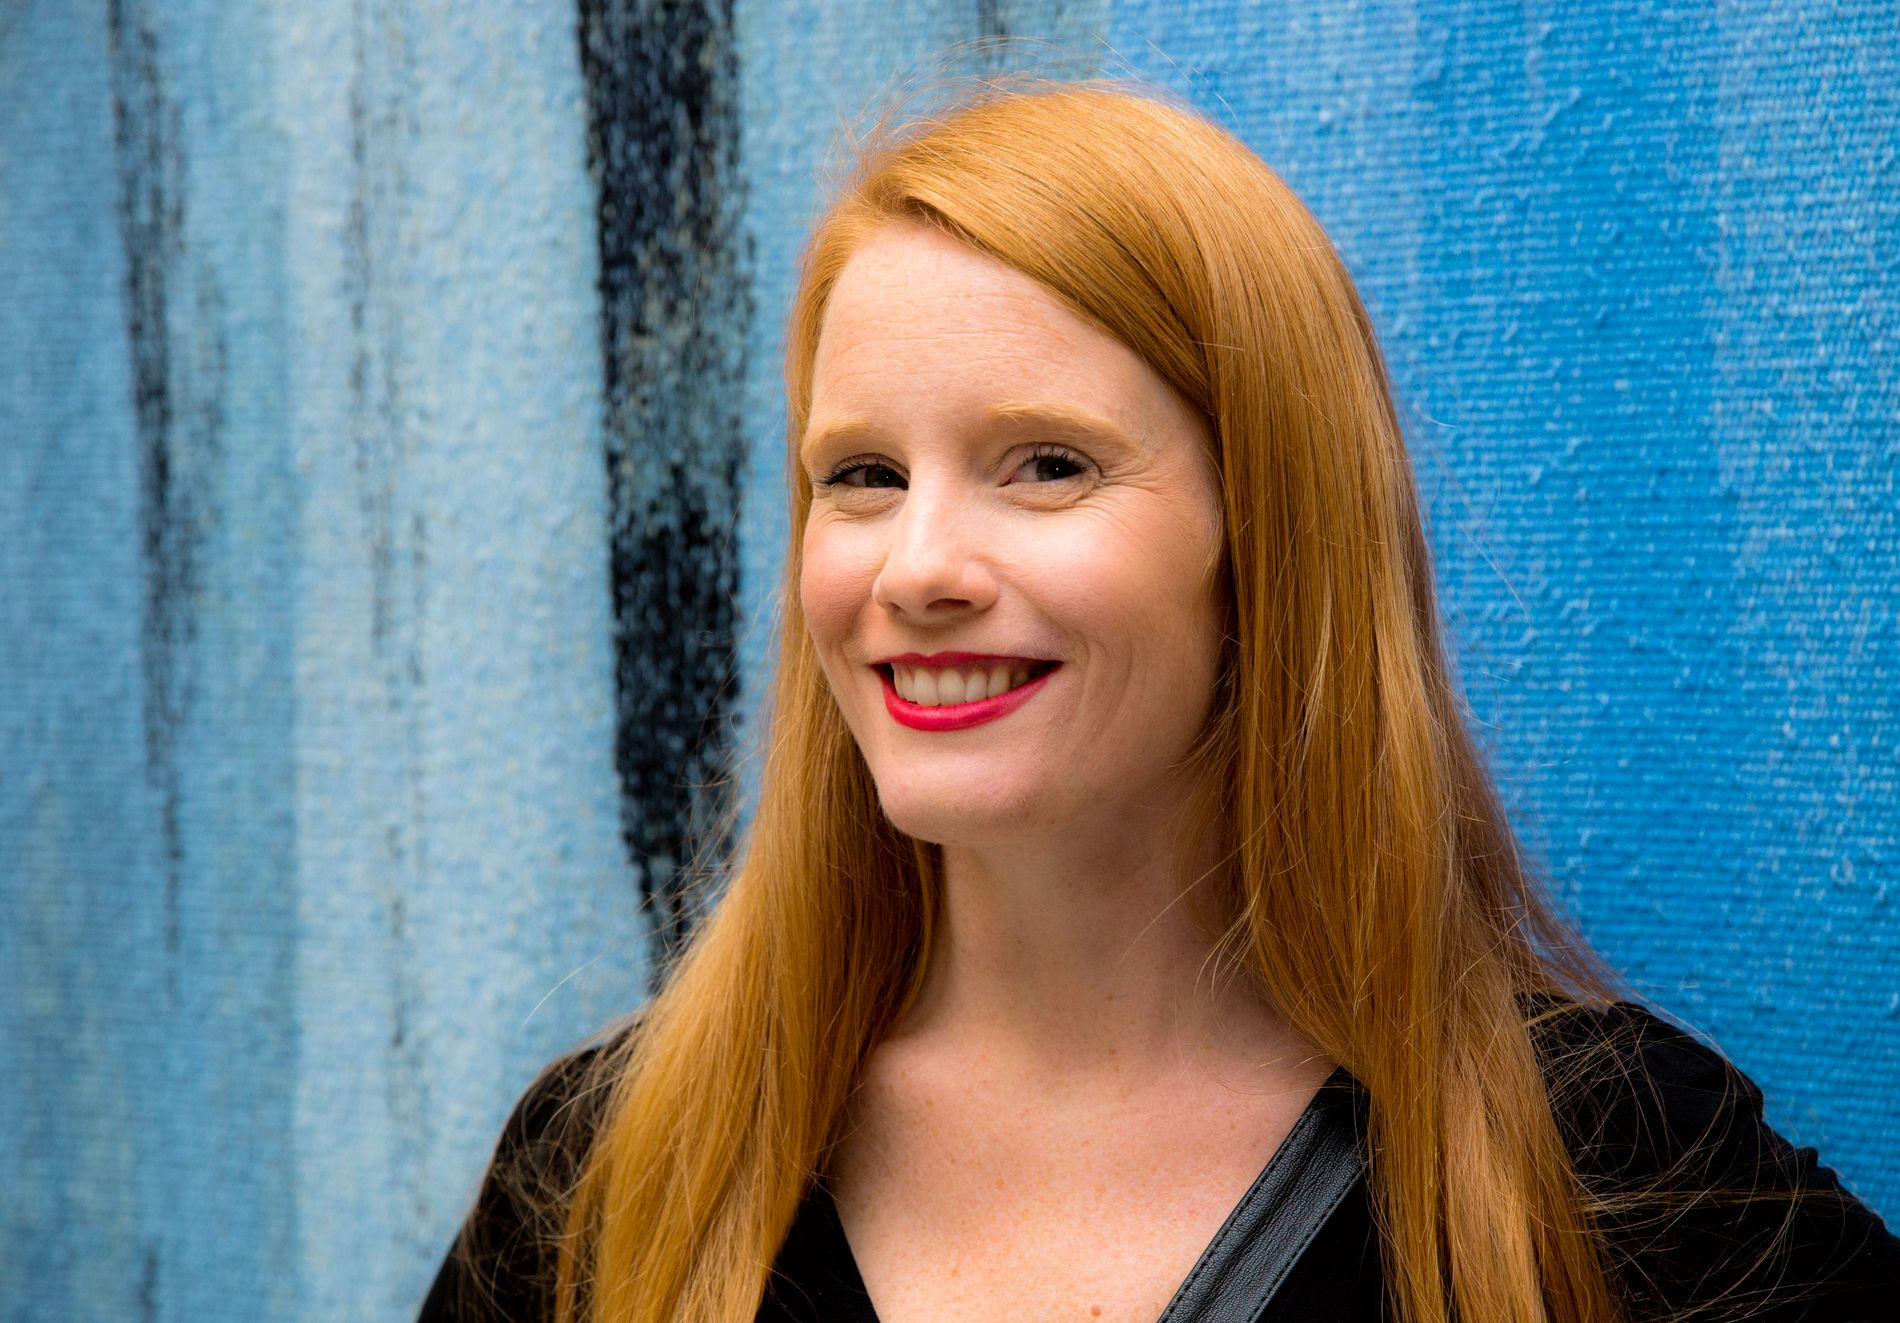 VIL BEVISSTGJØRE: Målet med Sunn Fornuft-plakaten er å få i gang en samtale om bloggeres ansvar for det de selv publiserer og å starte en bevisstgjøringsprosess, sier initiativtaker Susanne Kaluza.